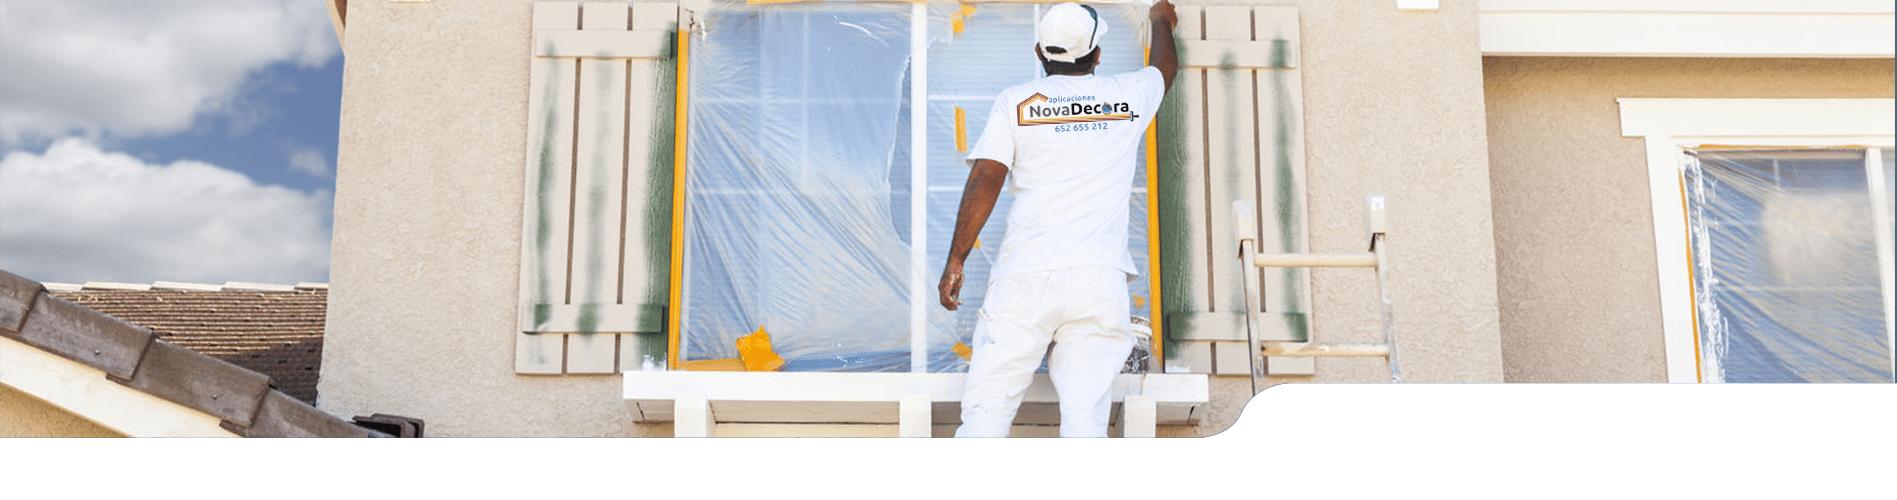 Pintores para exteriores de vivienda, casa o local. Servicios de pintura en Madrid y Segovia